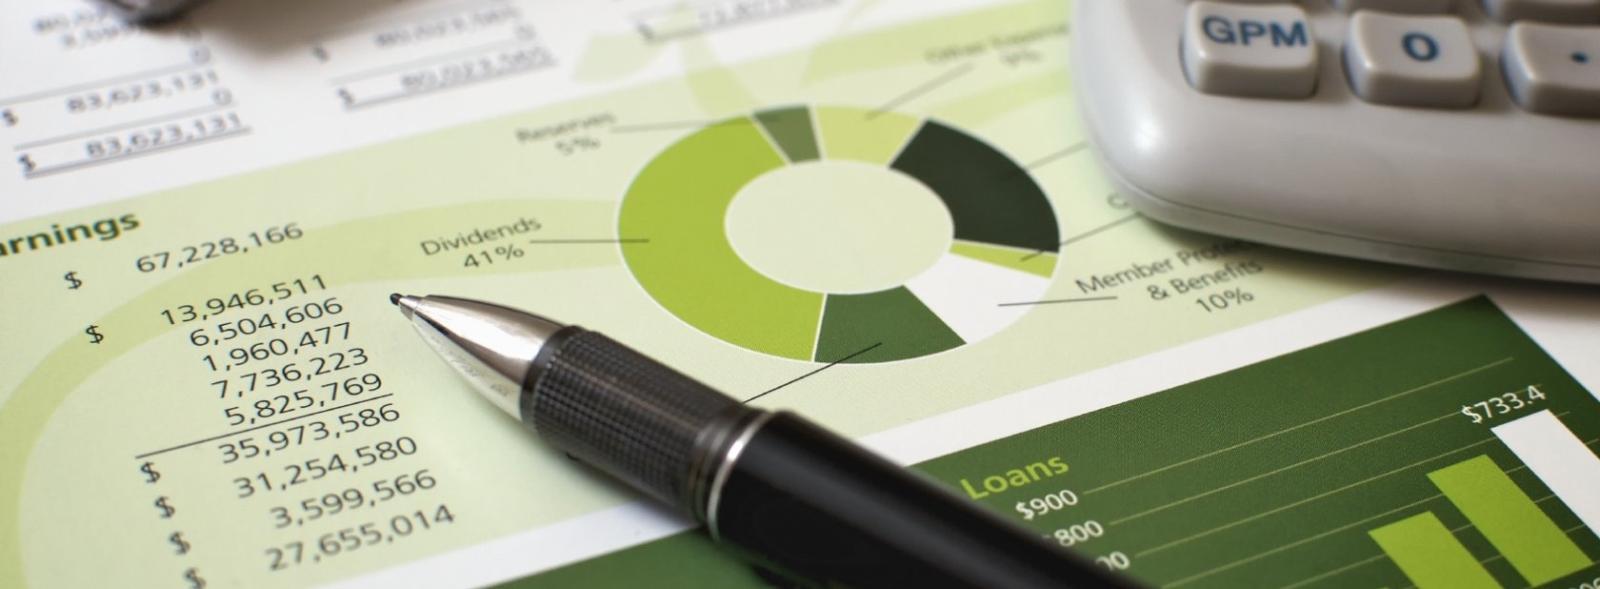 loans - За полгода в криптоактивы инвестировано $553 миллиона